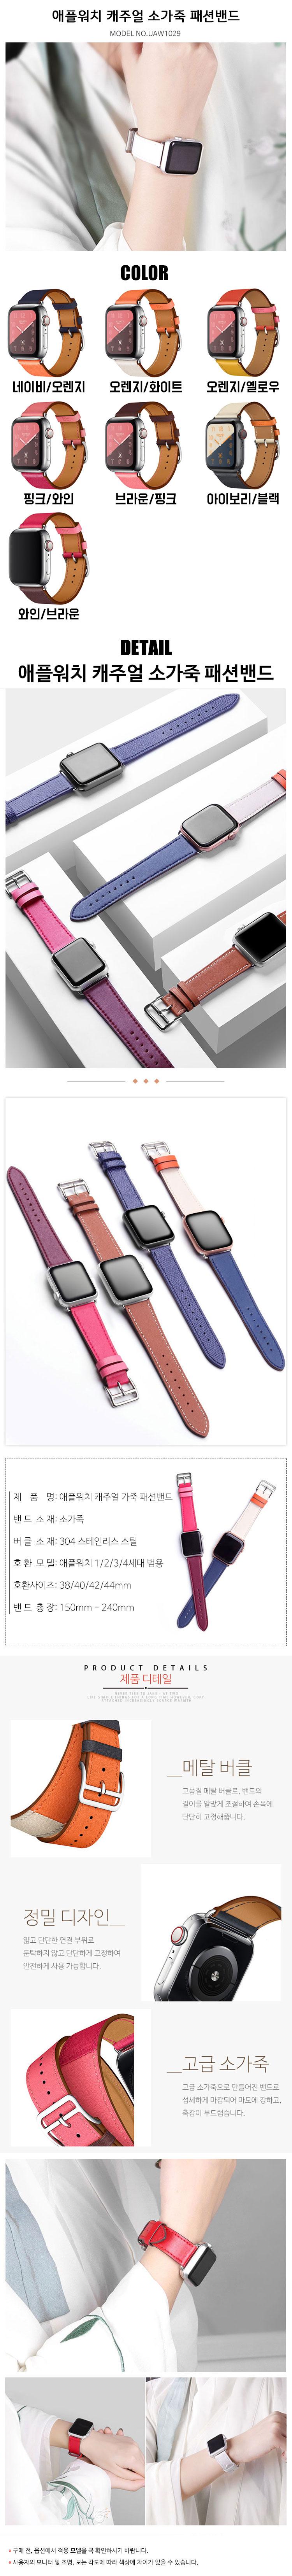 애플워치4 3 2 캐주얼 가죽 패션 밴드 스트랩 시계줄 - 유니커블, 14,200원, 케이스, 애플워치